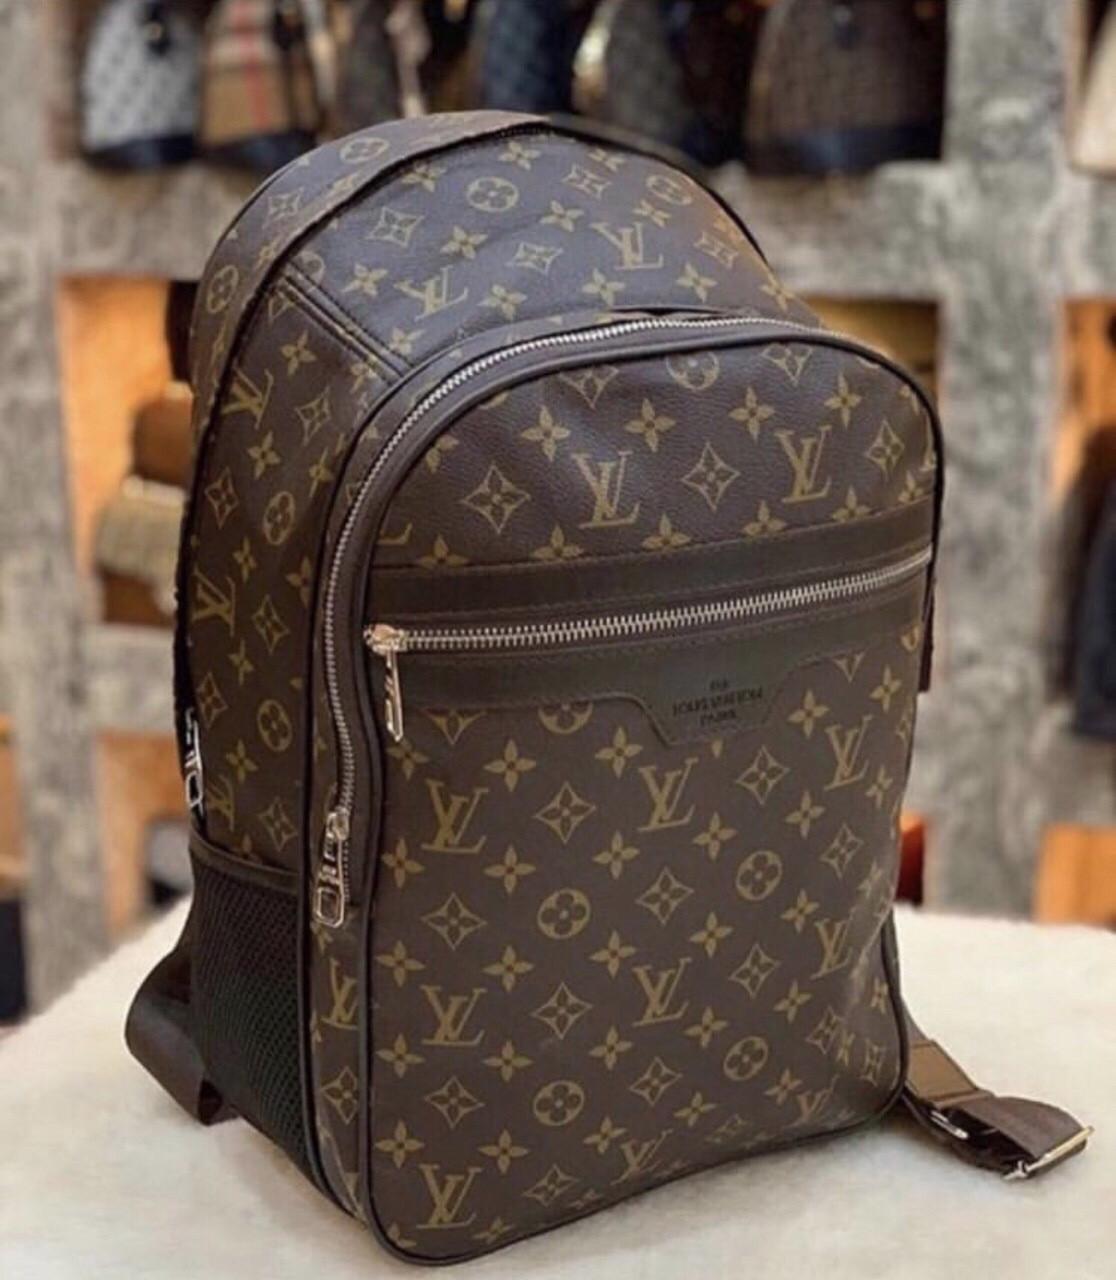 c601c8a0ed7c Рюкзак LV Louis Vuitton высокого качества (реплика Луи Витон) Vintage -  Планета здоровья интернет